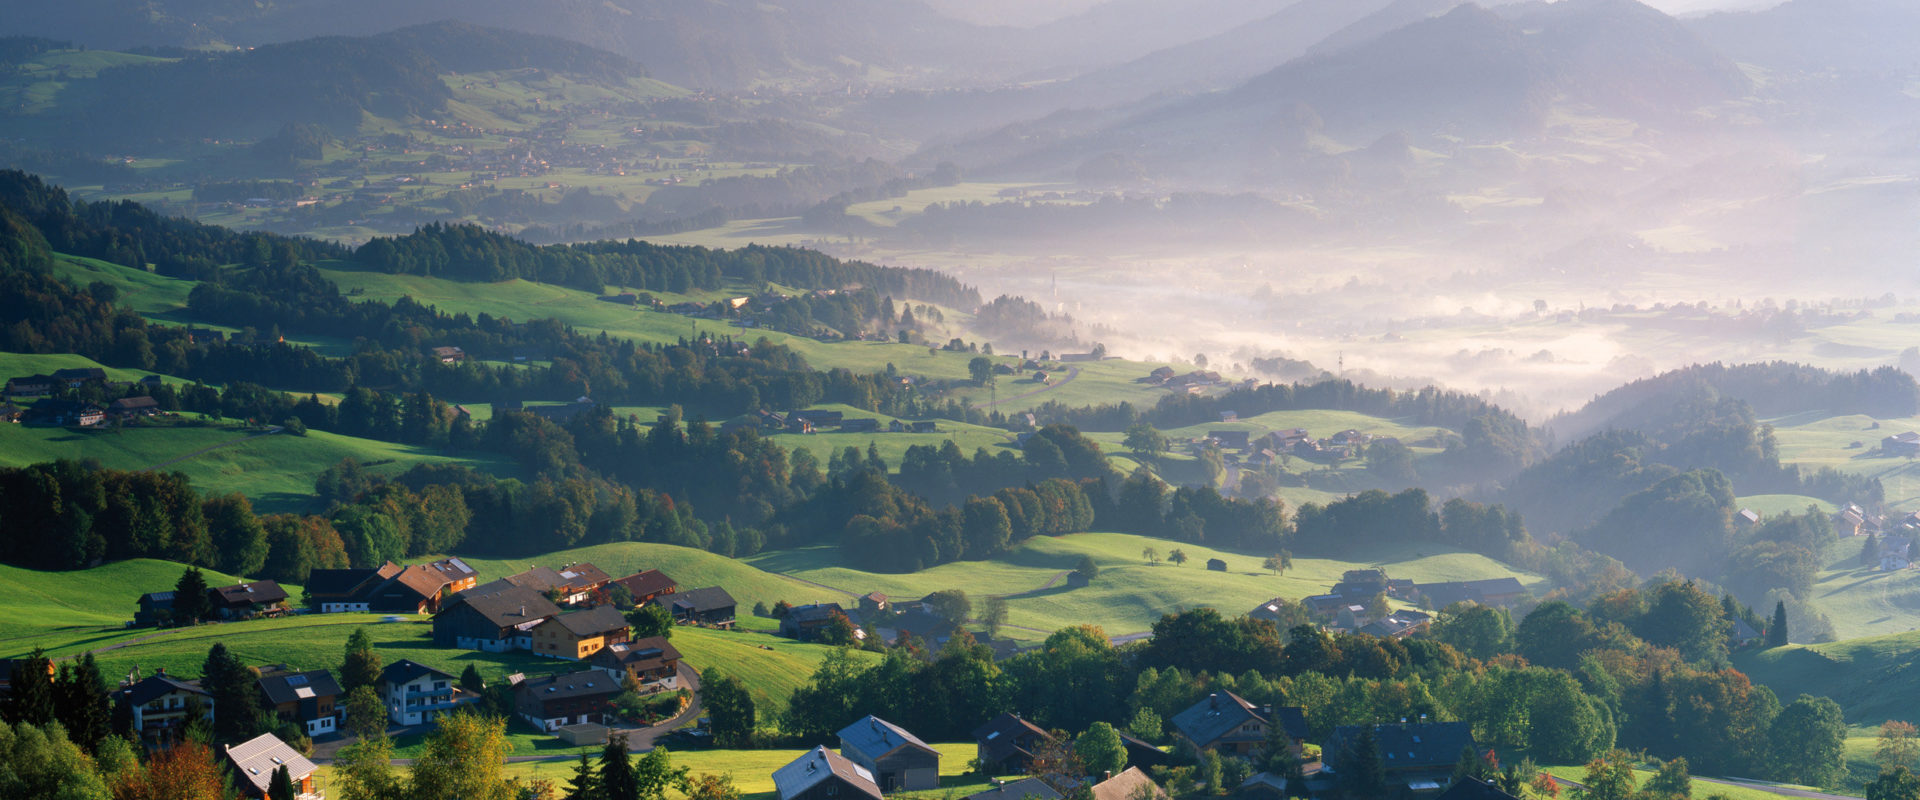 Bregenzerwald Blick auf Schwarzenberg © Popp & Hackner / Vorarlberg Tourismus